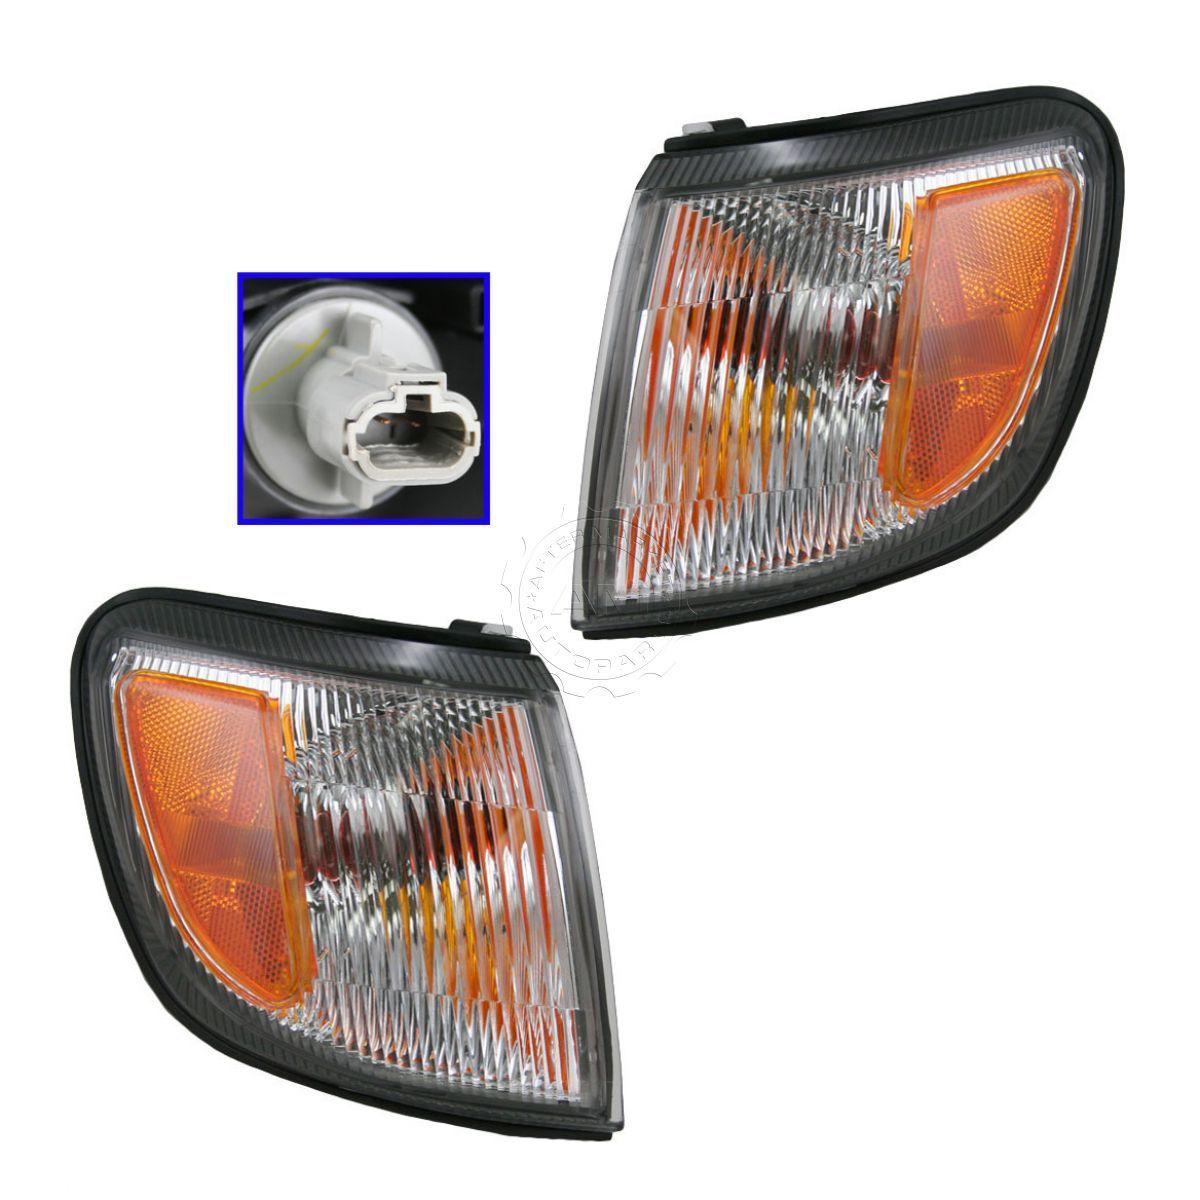 コーナーライト Front Side Marker Corner Turn Signal Light Lamp Pair Set for Subaru Forester フロントサイドマーカコーナーターンシグナルライトランプペアスバルフォレスターセット